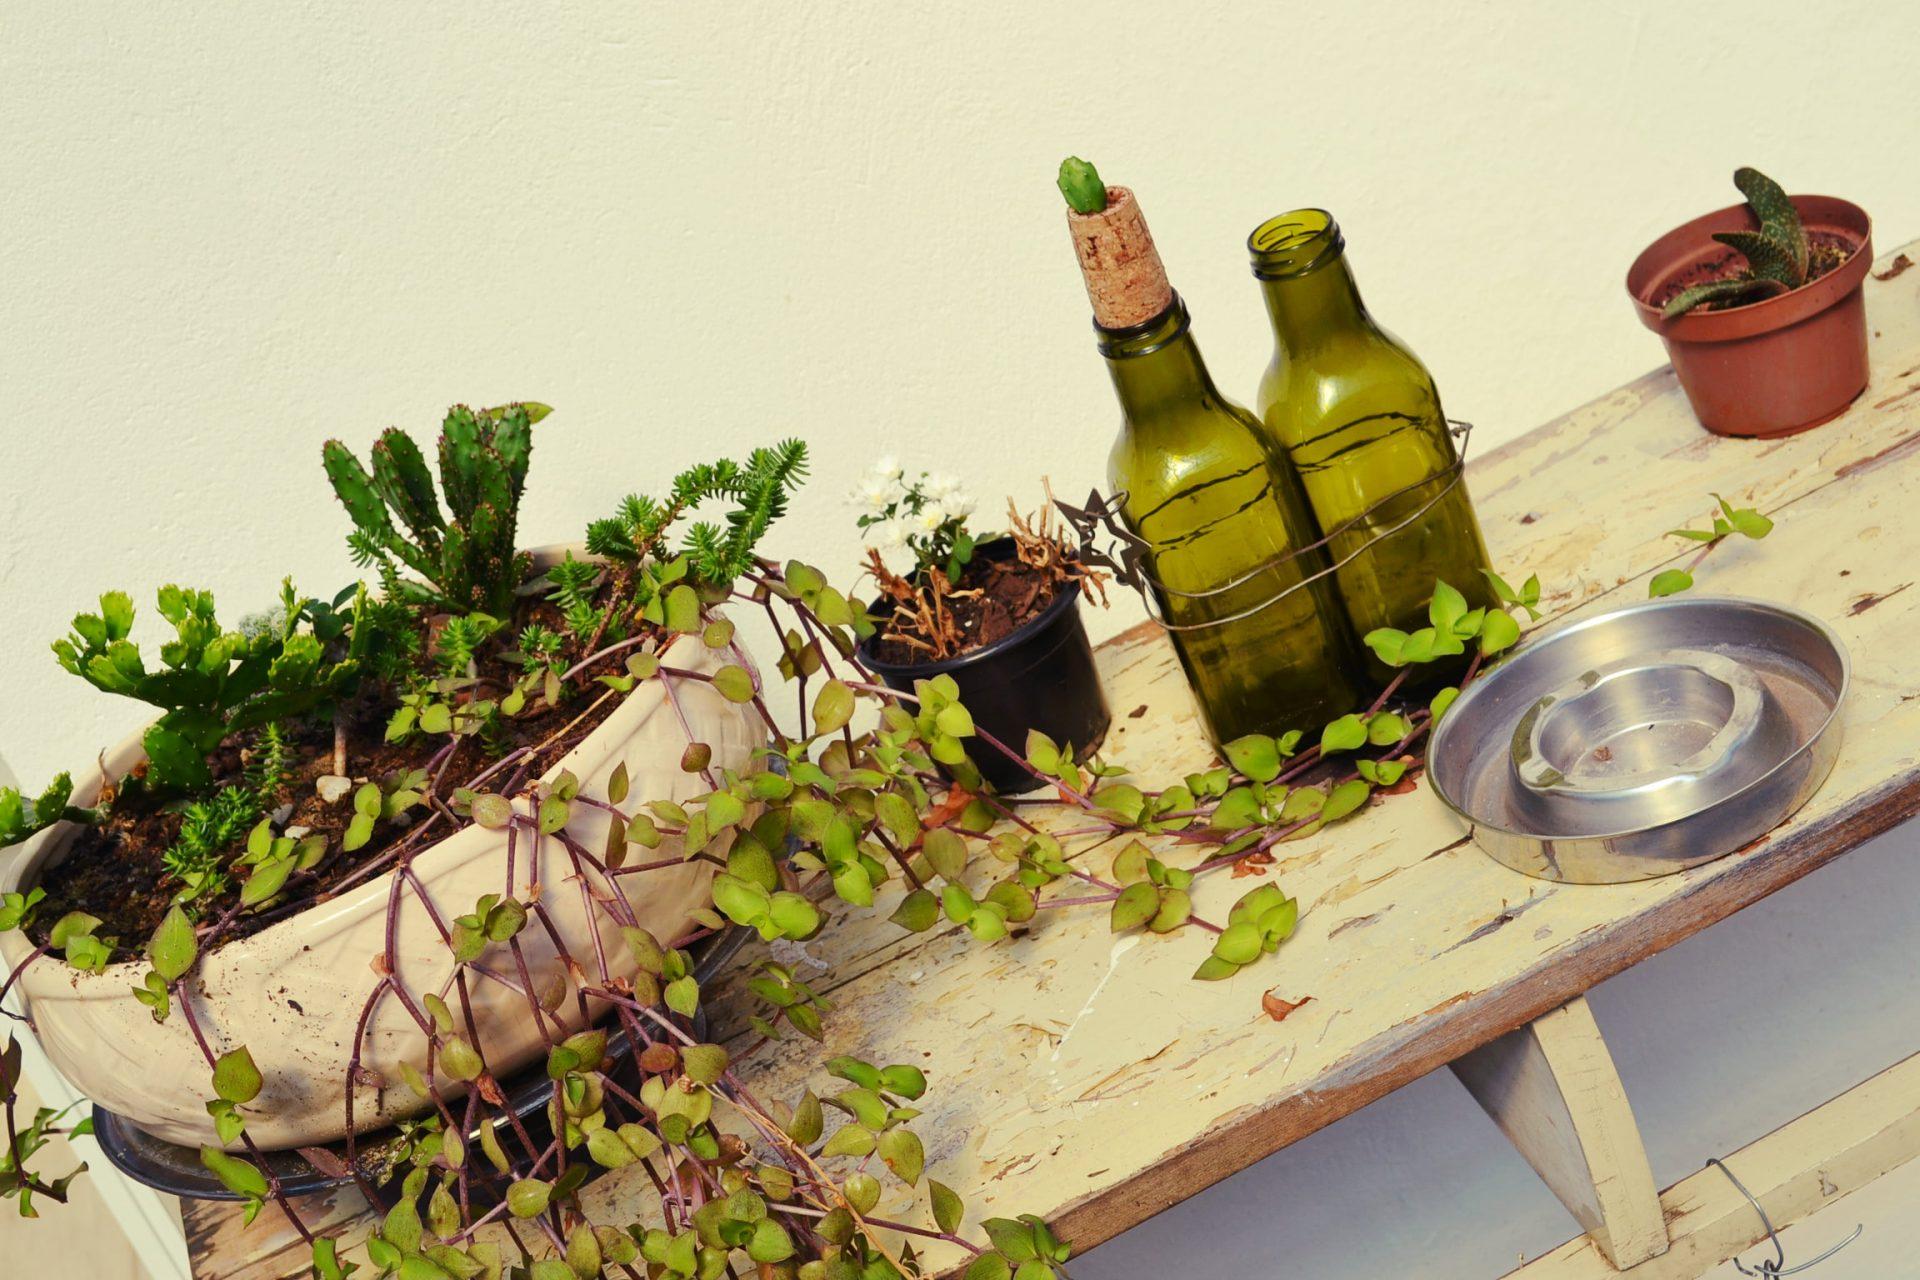 Decoração-com-reciclagem-fácil-de-fazer-06